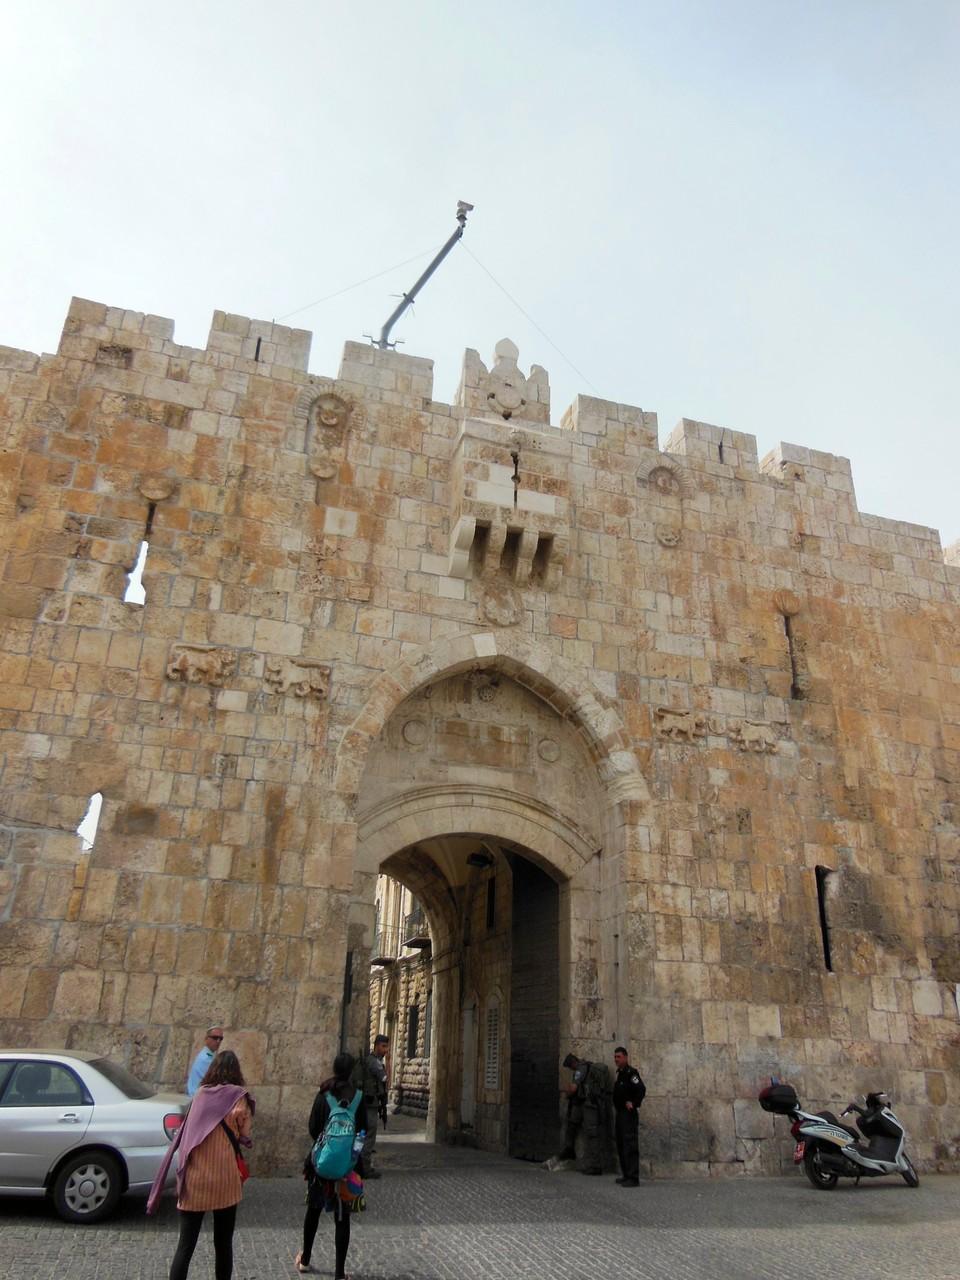 エルサレム旧市街 ダマスカス門